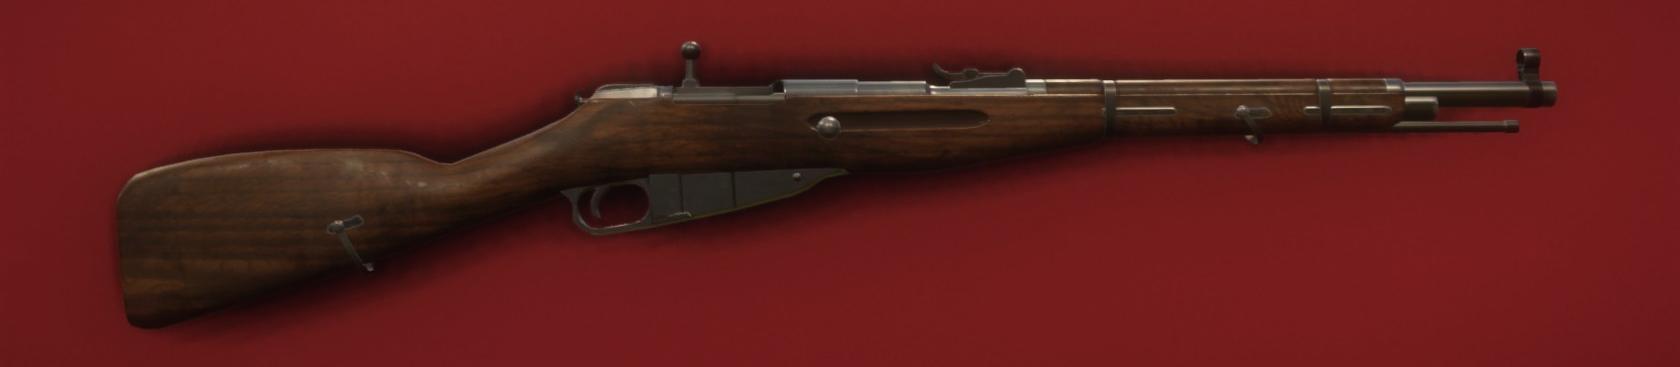 Solokhin MN1890